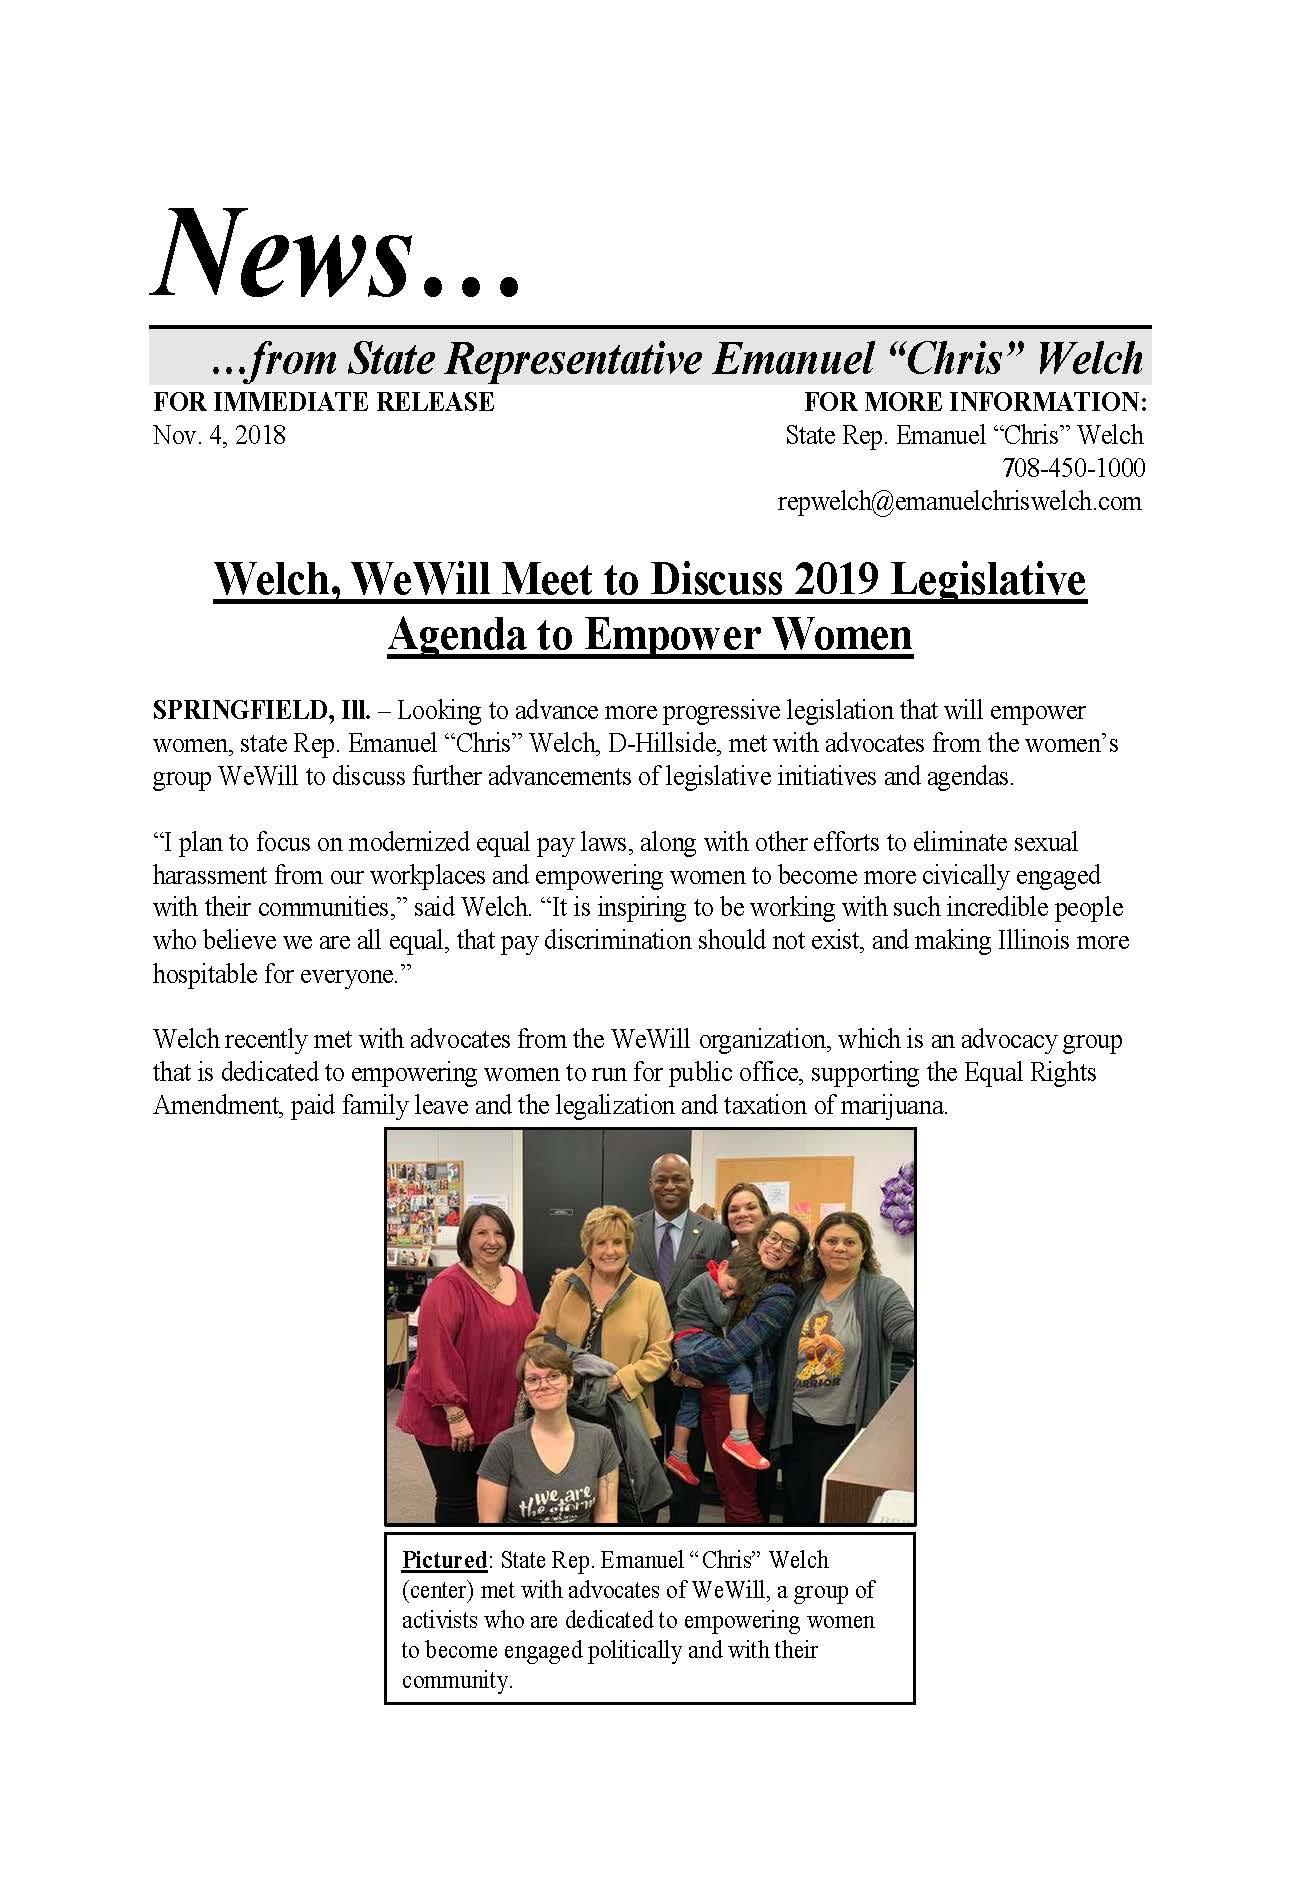 Welch, WeWill Meet to Discuss 2019 Legislative Agenda to Empower Women  (November 4, 2018)